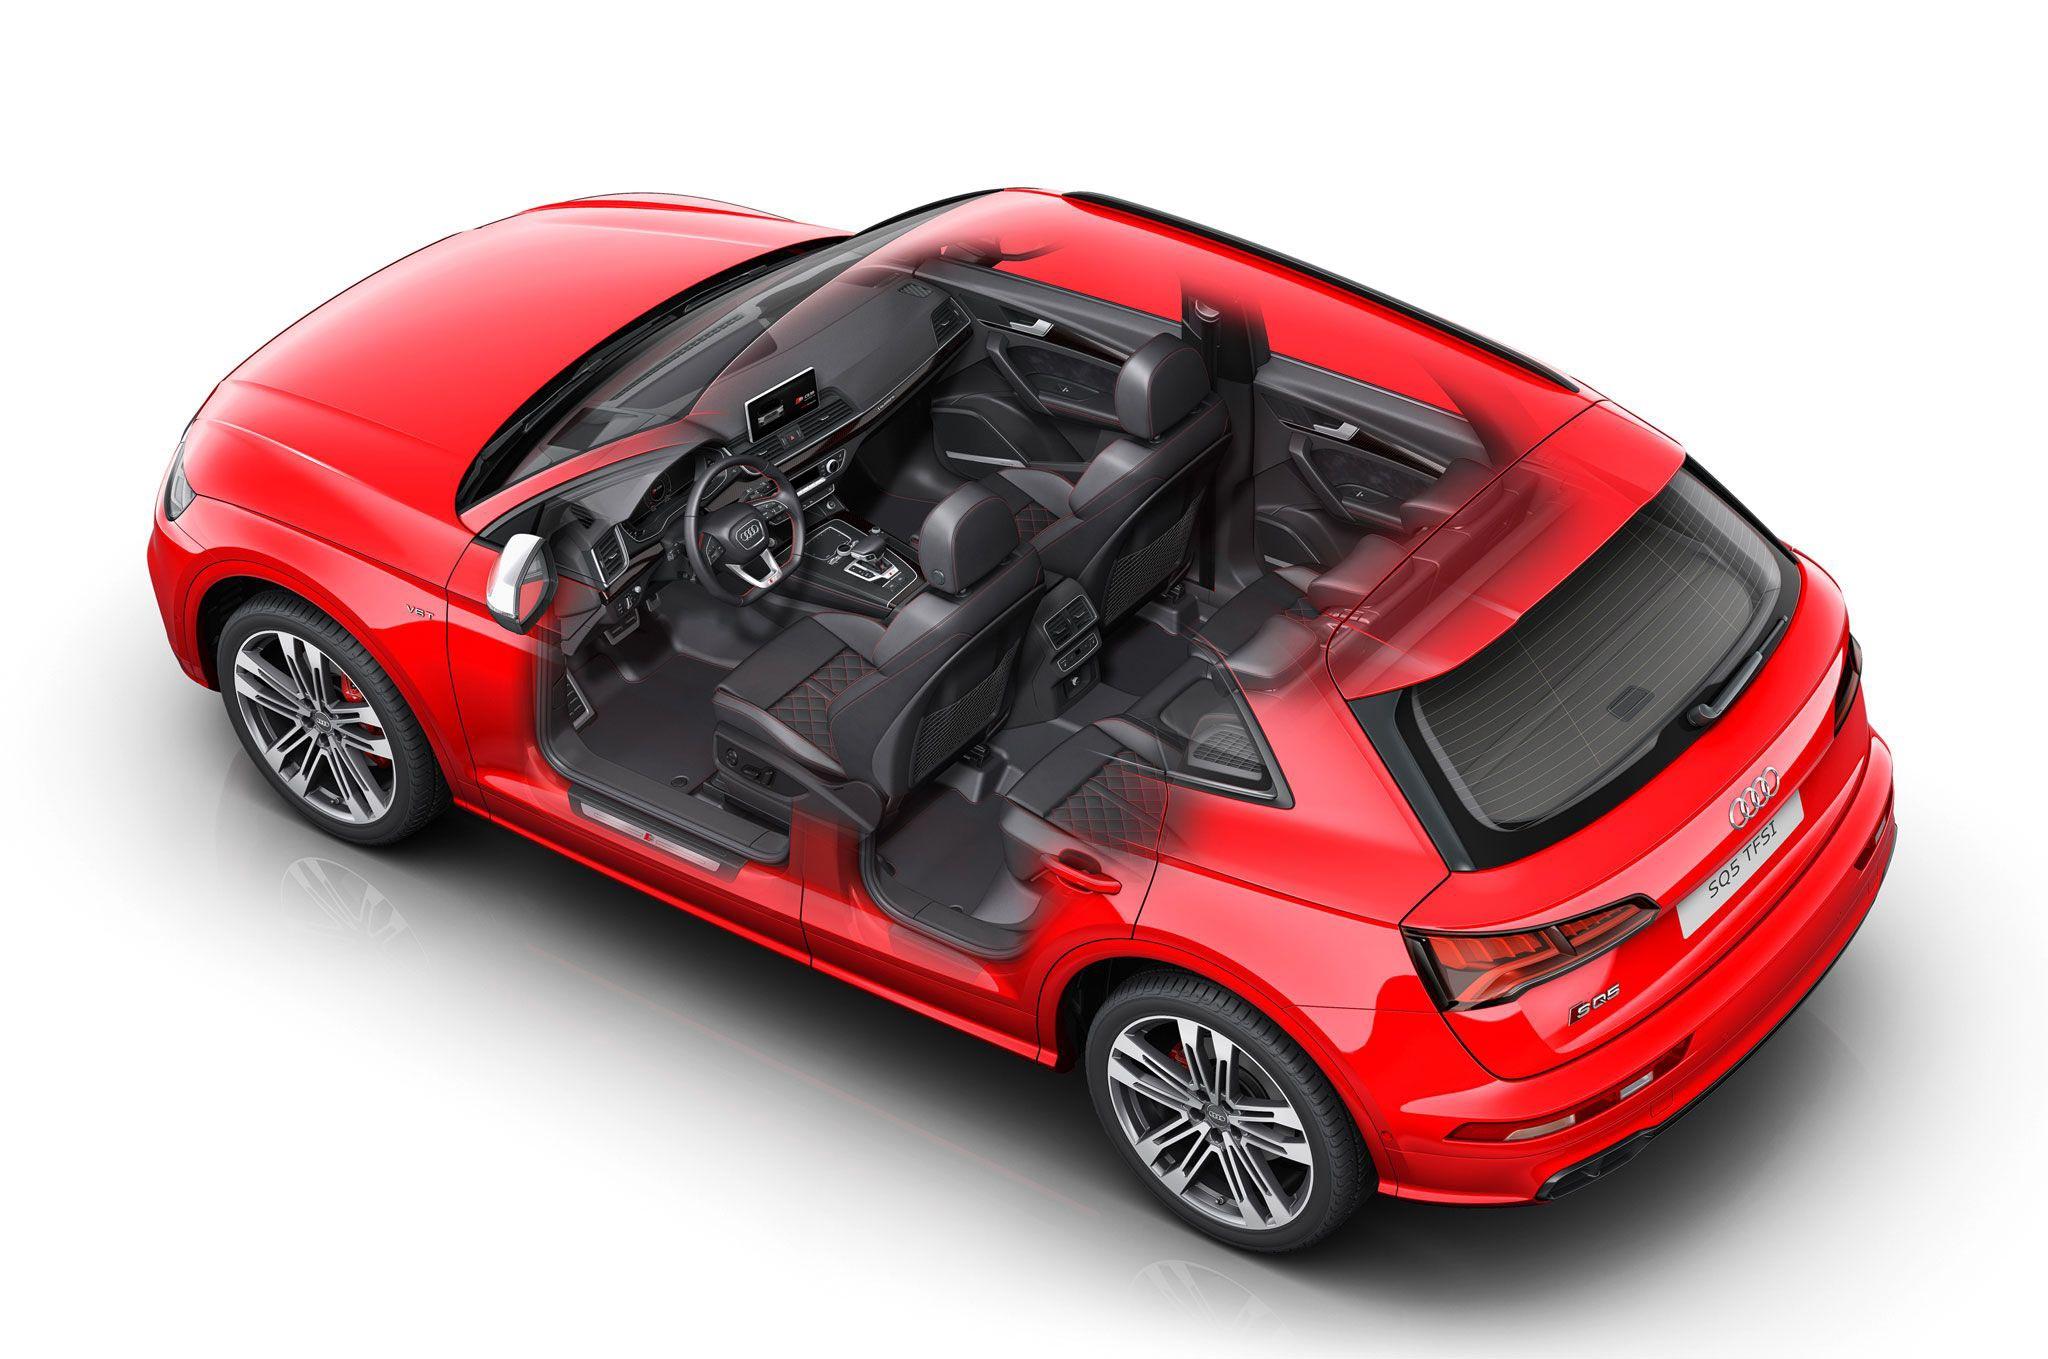 Audi SQ5 cutaway